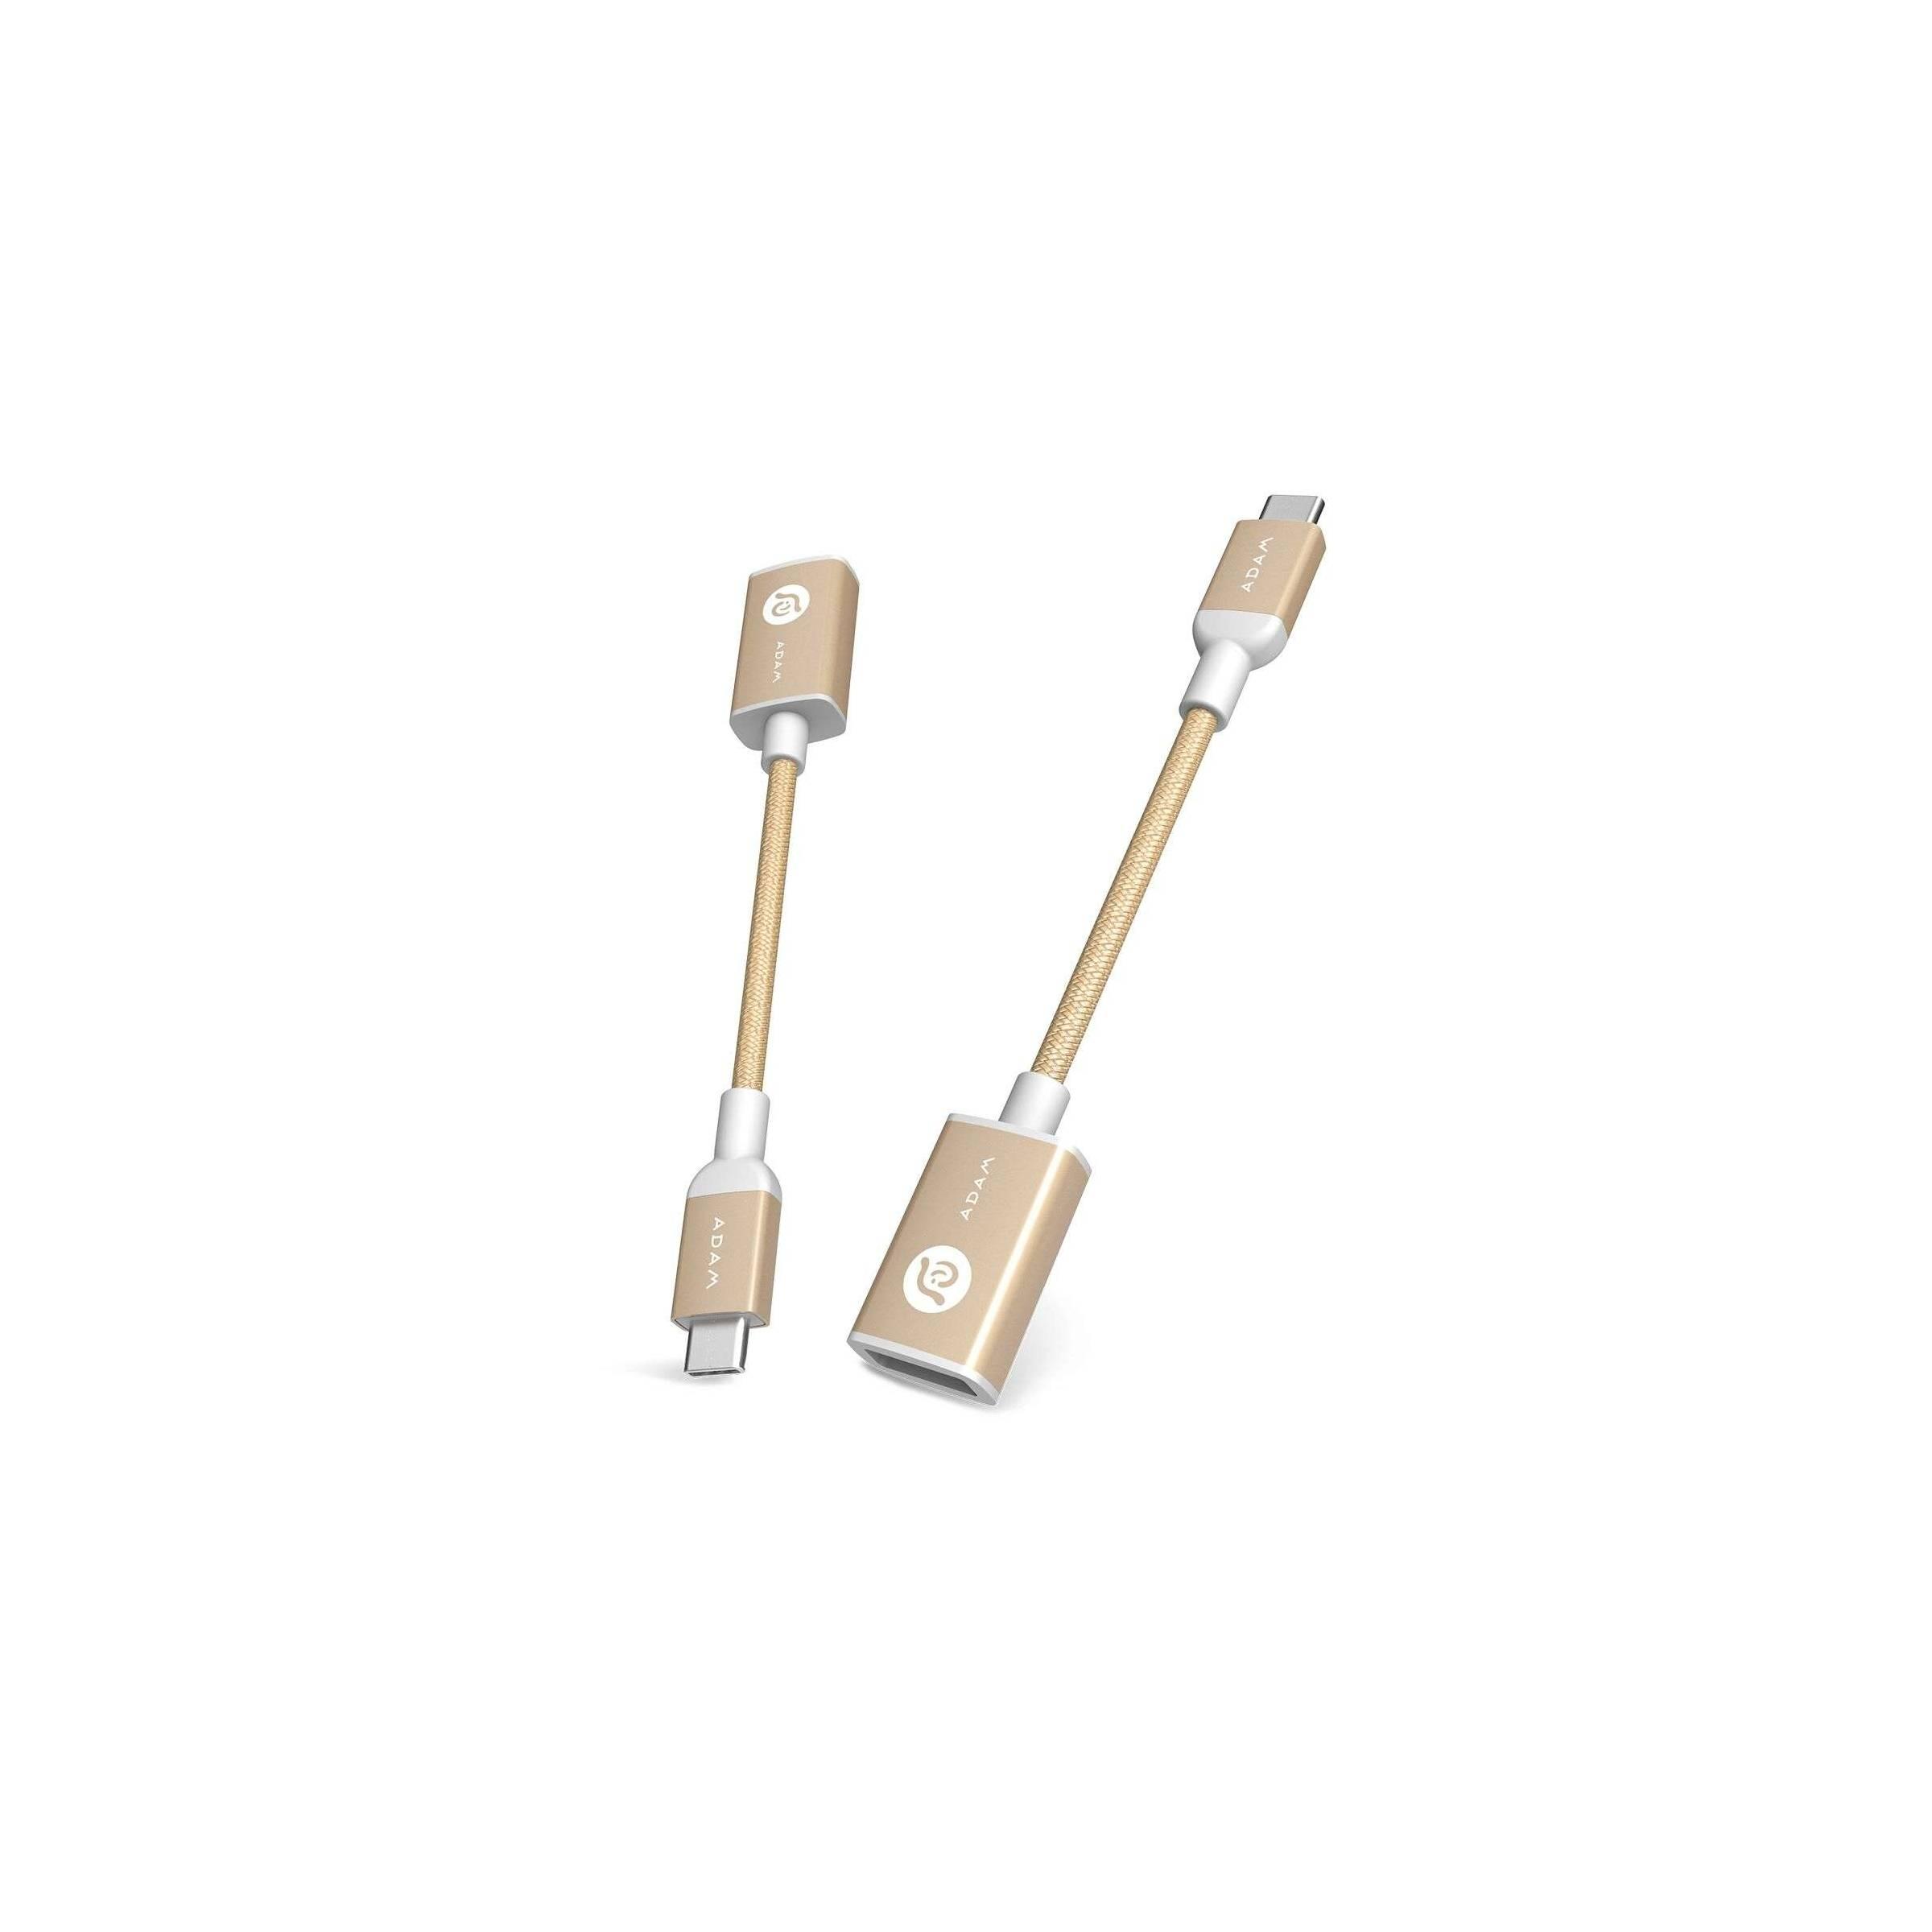 Bilde av Adam Elements Casa F13 Usb-c Til Usb-a Adapter Grå/rosegold/guld, Farve Guld